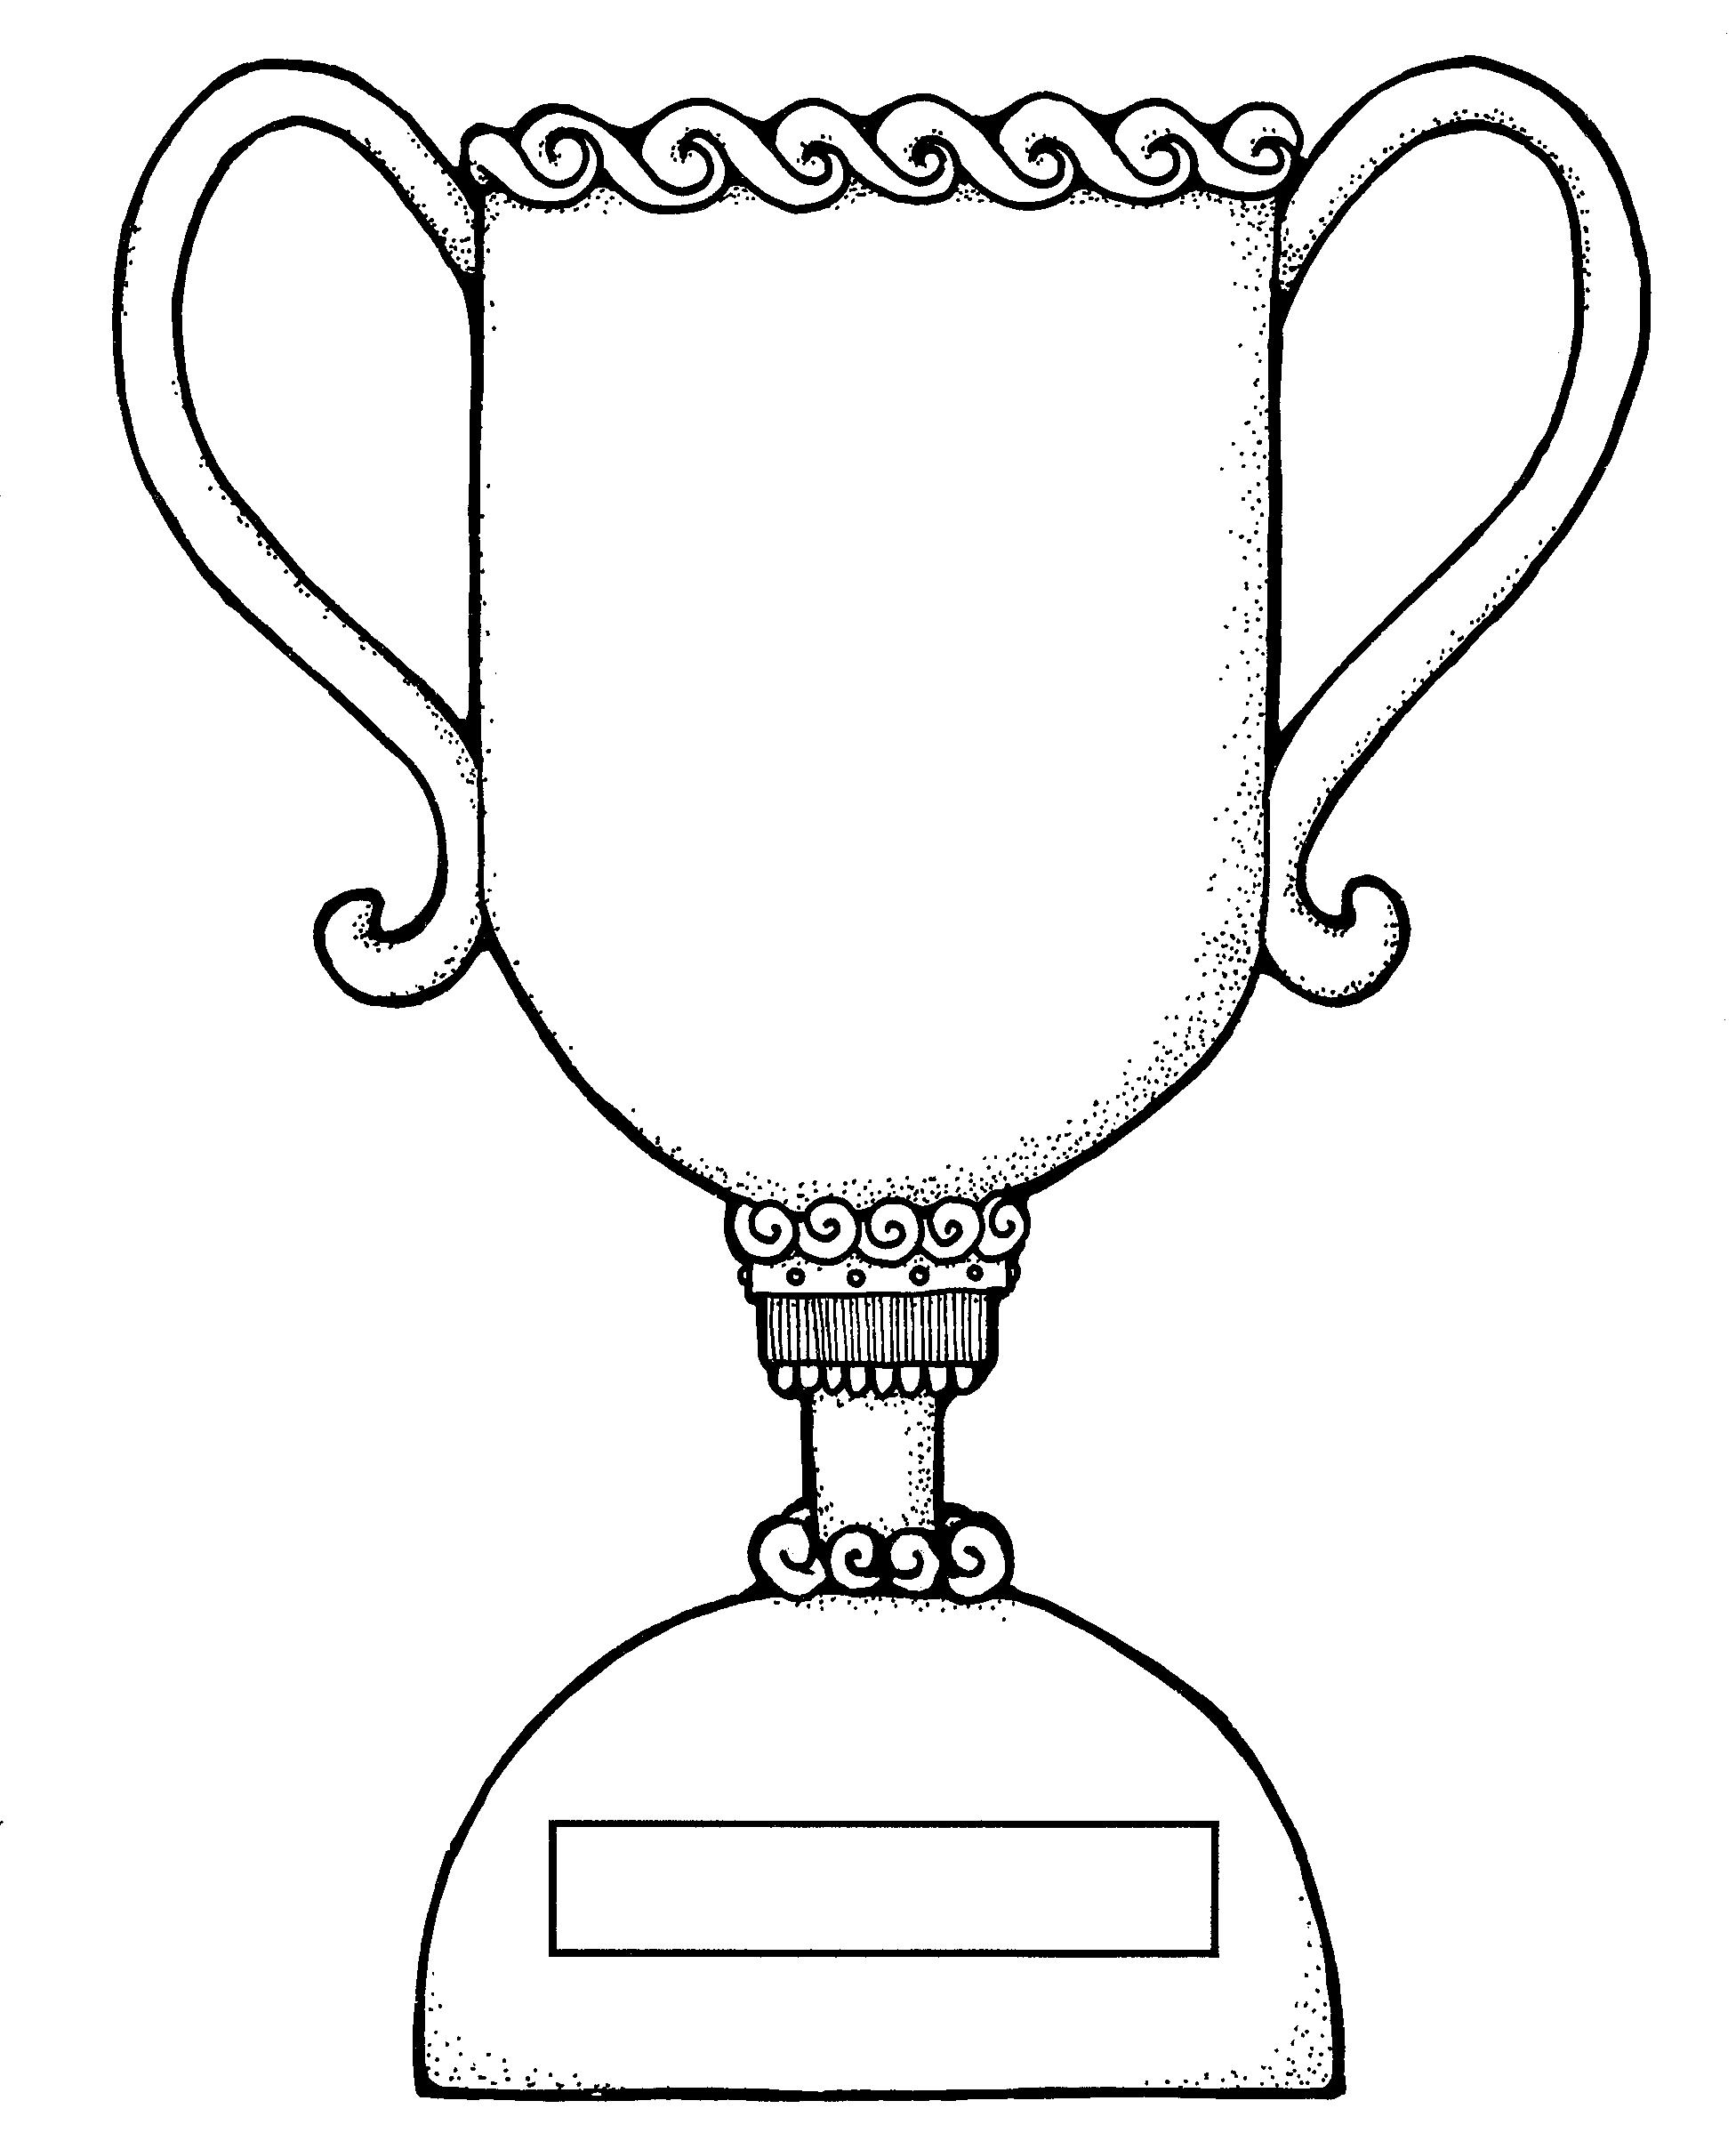 1 Trophy Clipart Clipart Panda